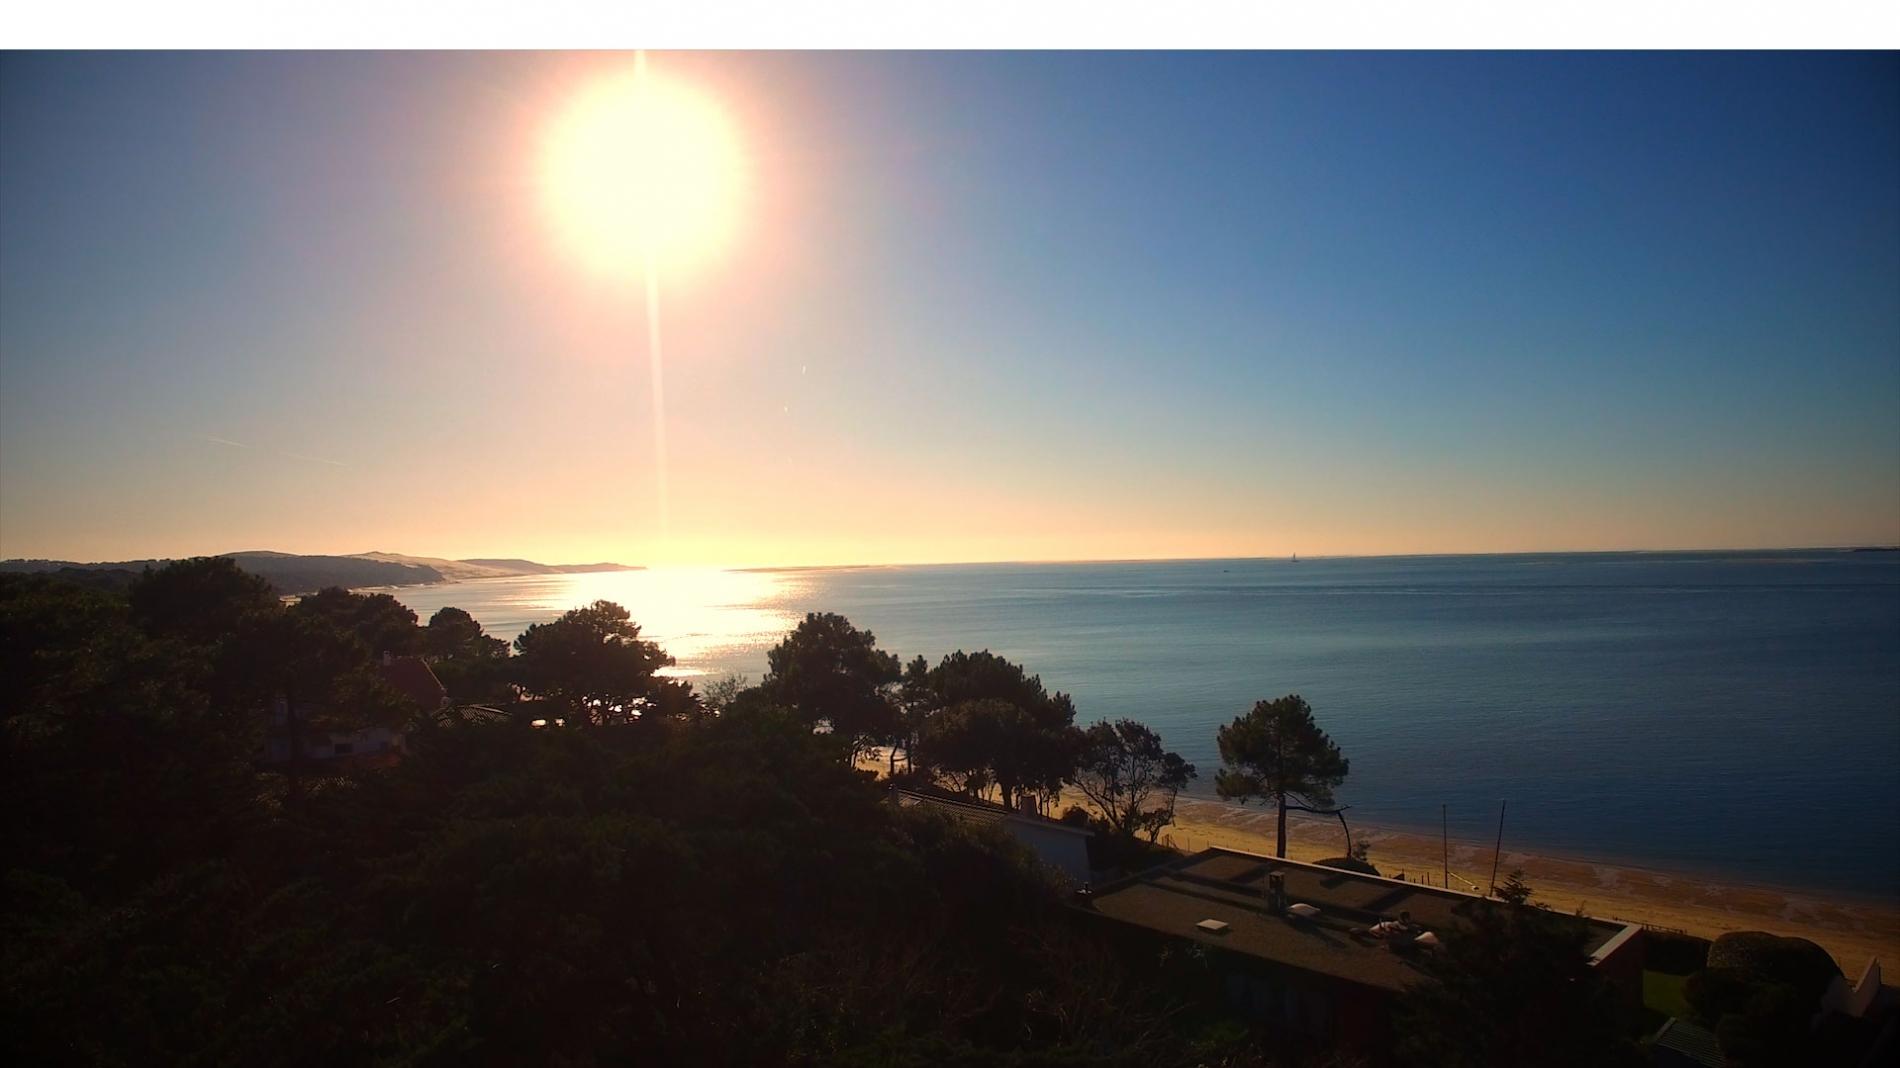 012-Bassin-dune-soleil